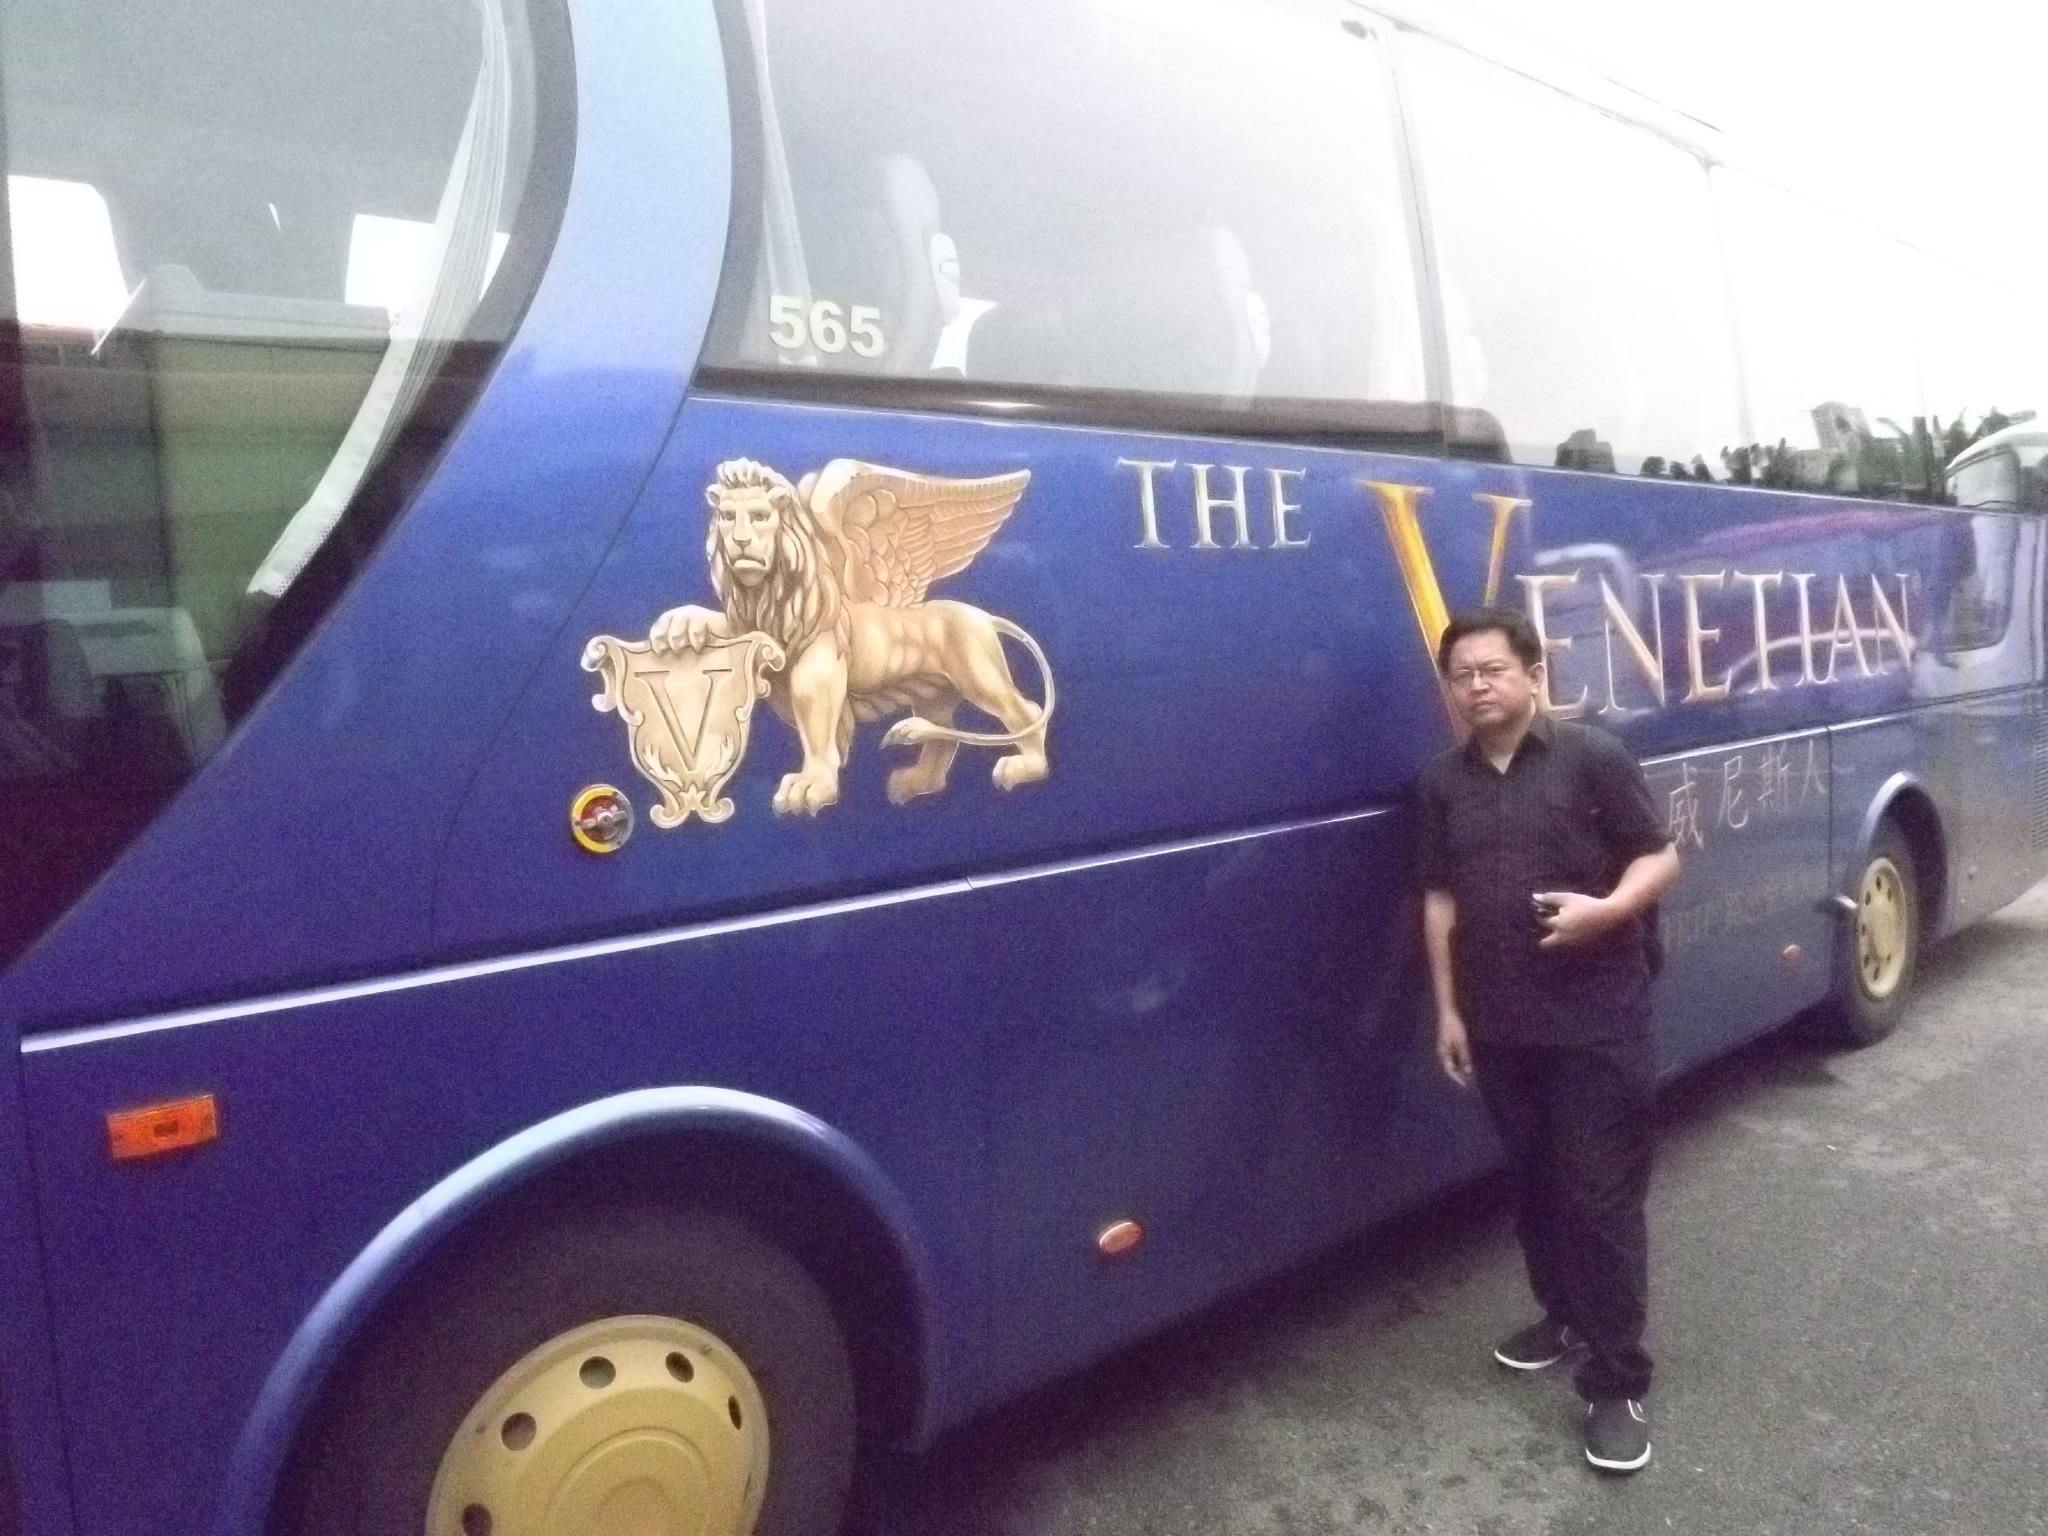 The Venetian Macau 171 Blognya Harimawan